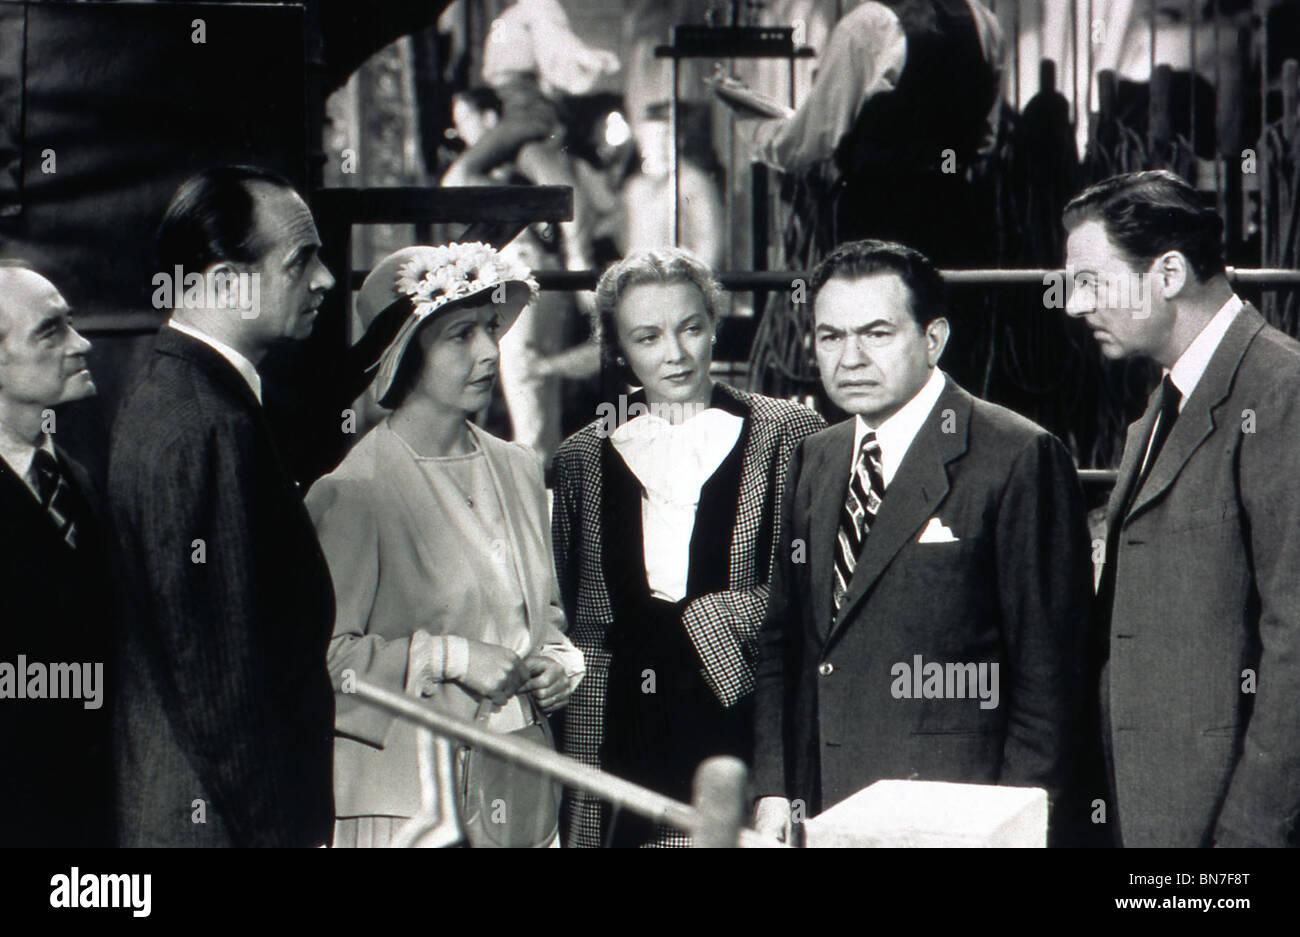 La noche tiene mil ojos (1948) Gail Russell, Edward G. Robinson, JEROME COWAN JOHN FARROW (DIR) Foto de stock